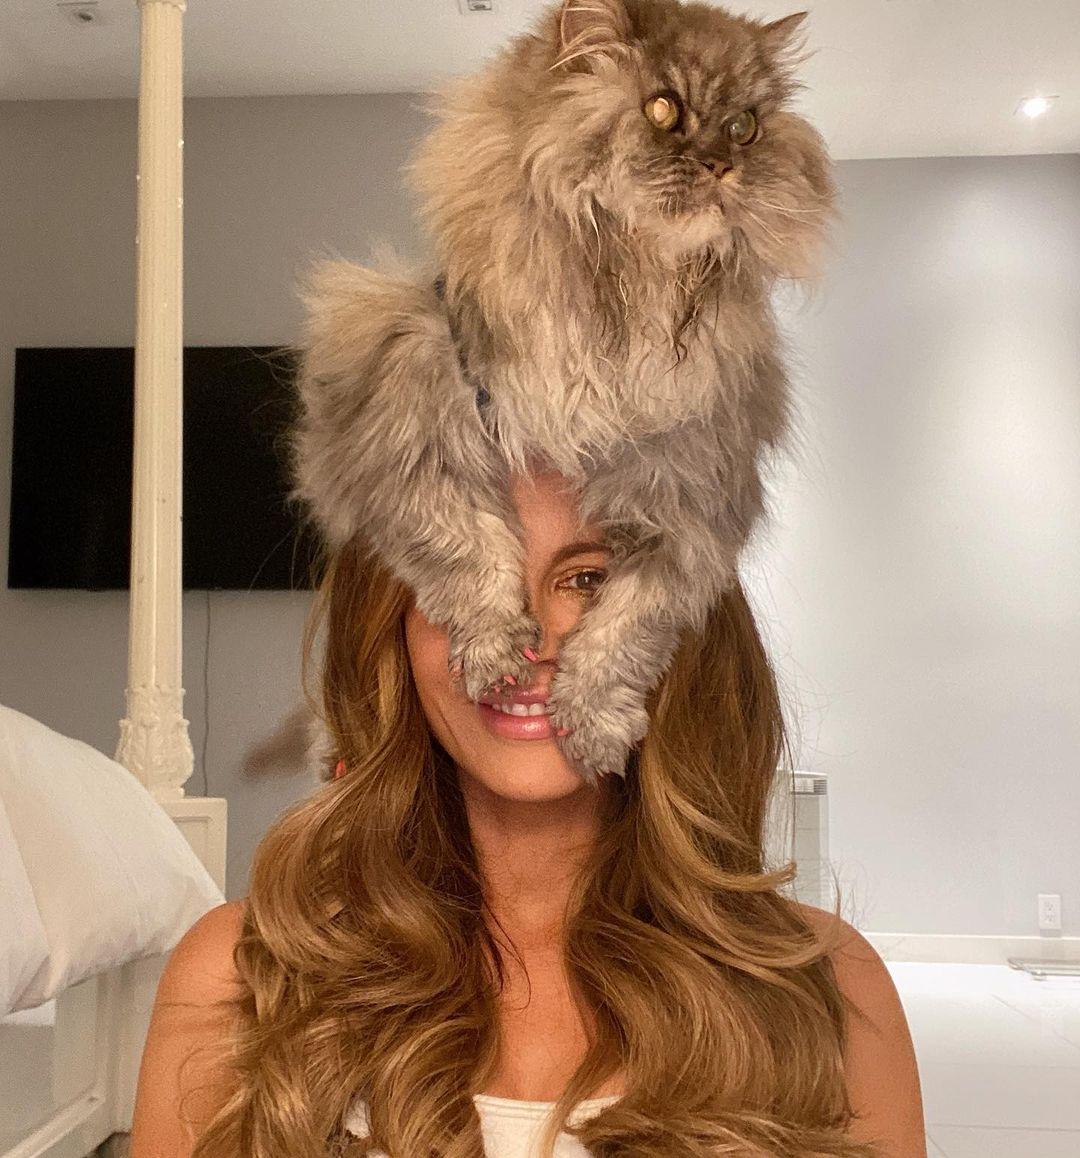 PHOTOS Le nouveau chapeau de Kate Beckinsale est assez épique!